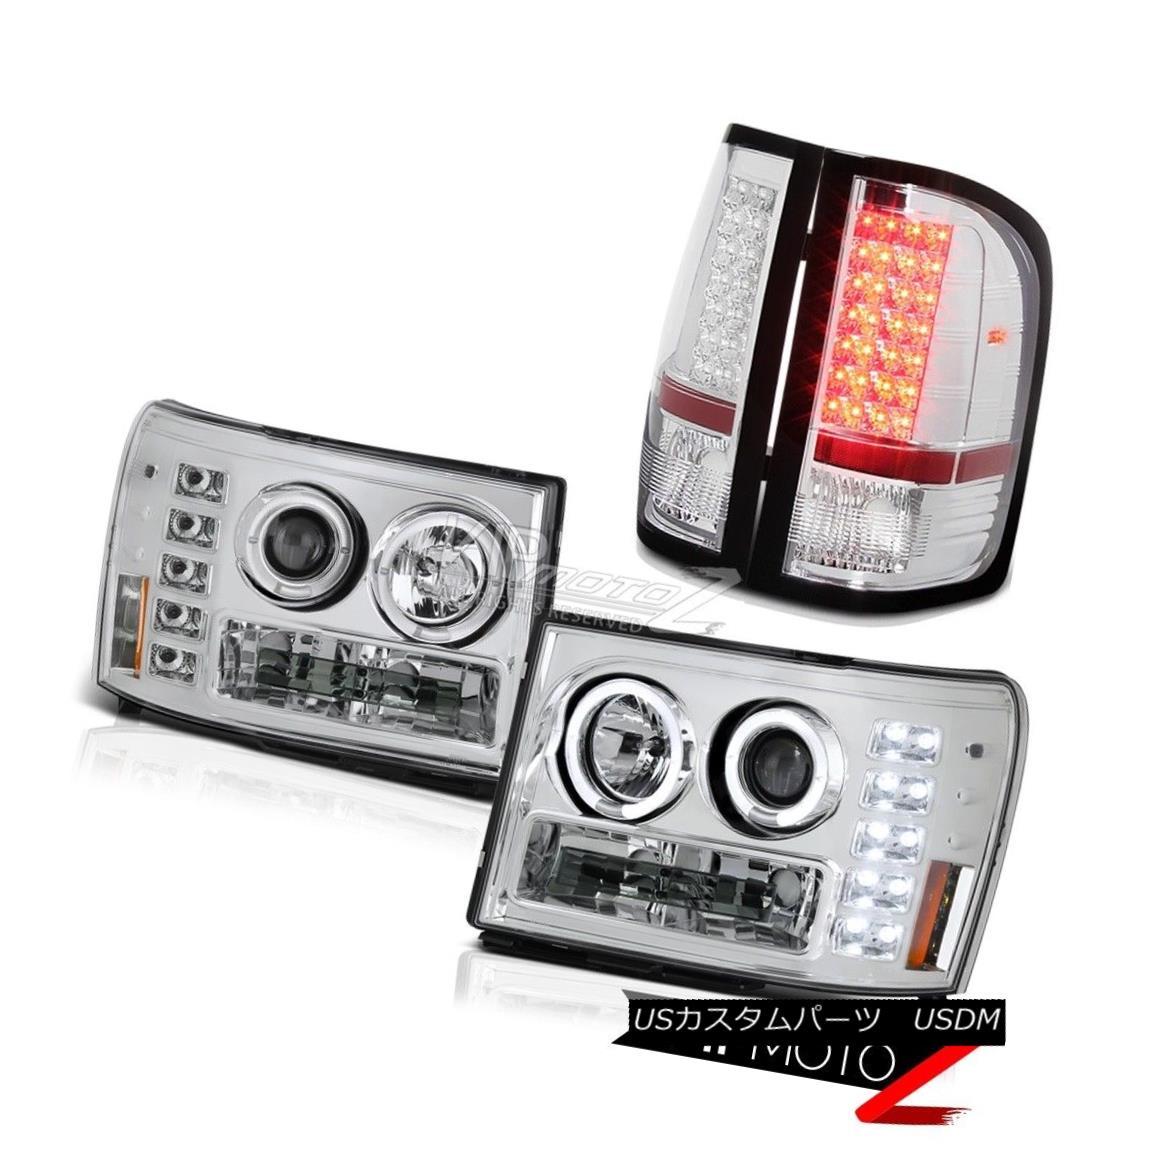 ヘッドライト GMC Sierra 08-14 3500 WT Crystal Halo LED Headlights Sterling Chrome Tail Lights GMC Sierra 08-14 3500 WTクリスタルハローLEDヘッドライトSterling Chrome Tail Lights